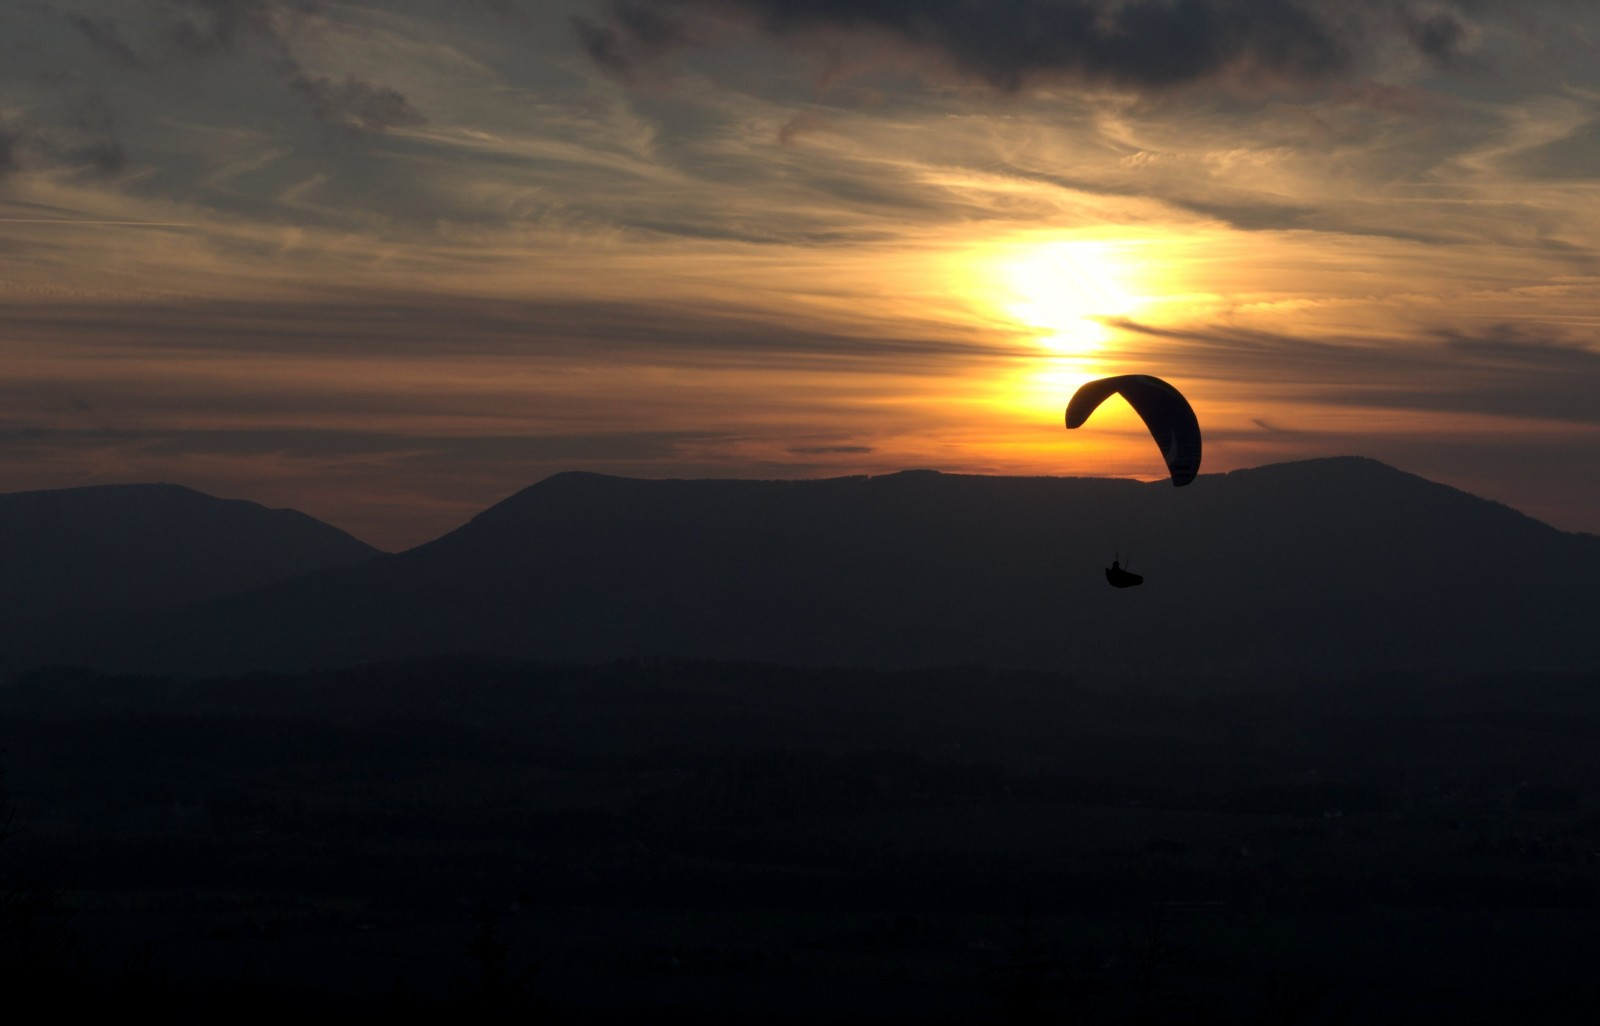 Padáčkáři při západu slunce, musí být super pocit!